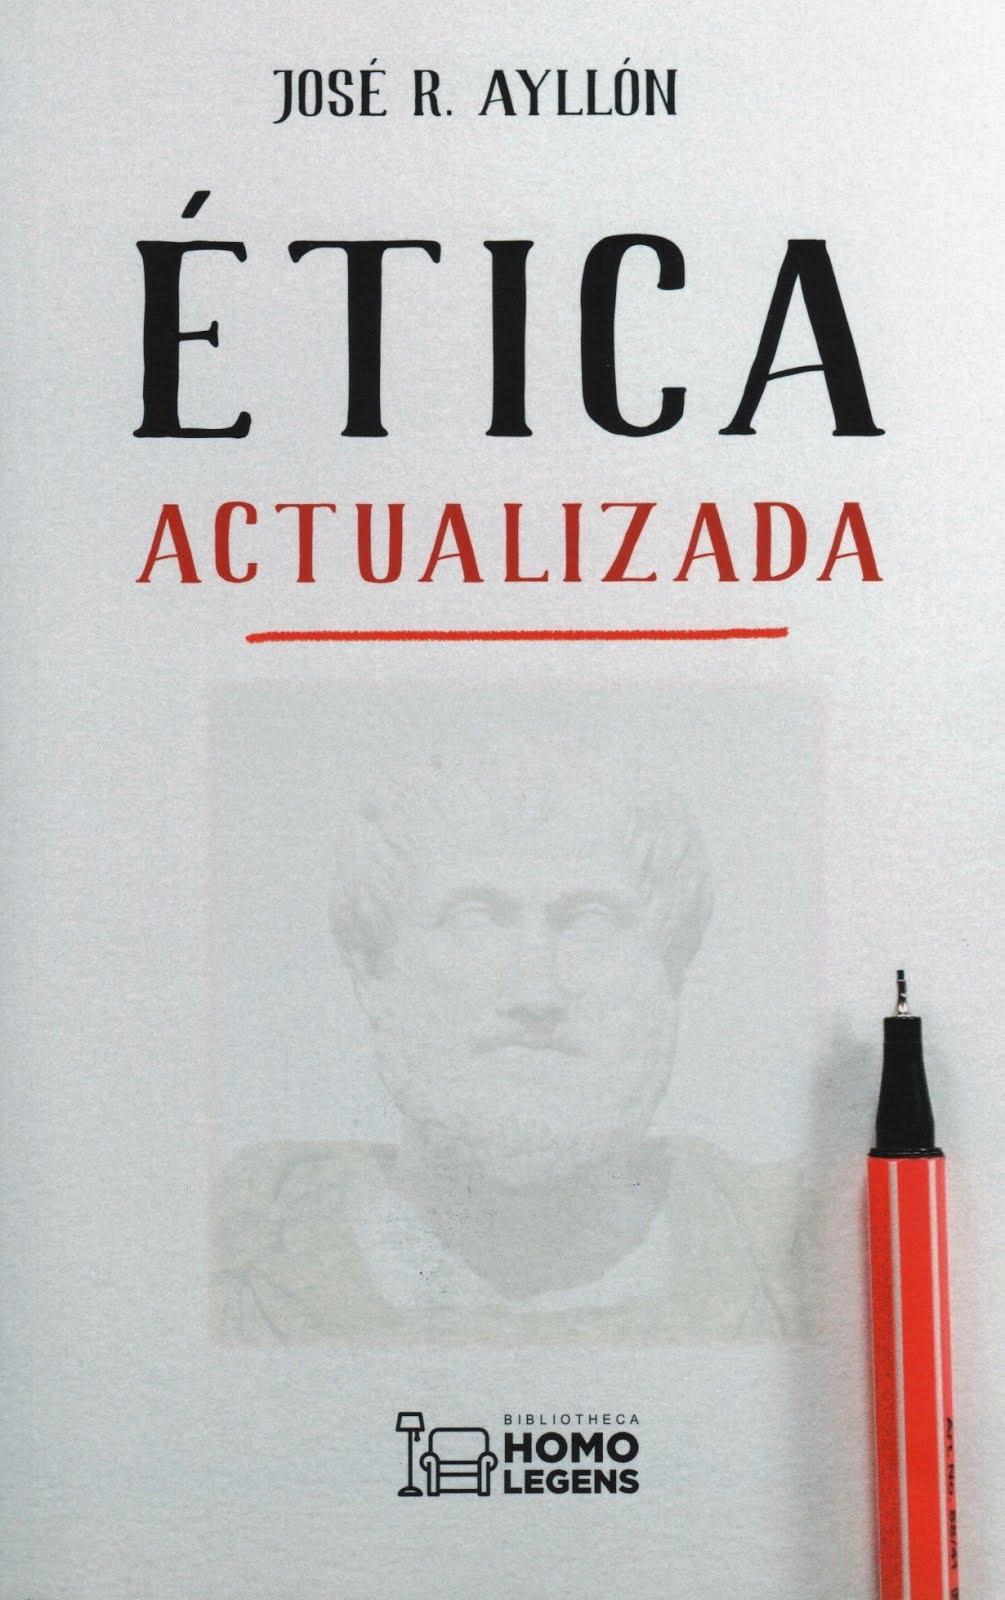 José R. Ayllón (Ética Actualizada)